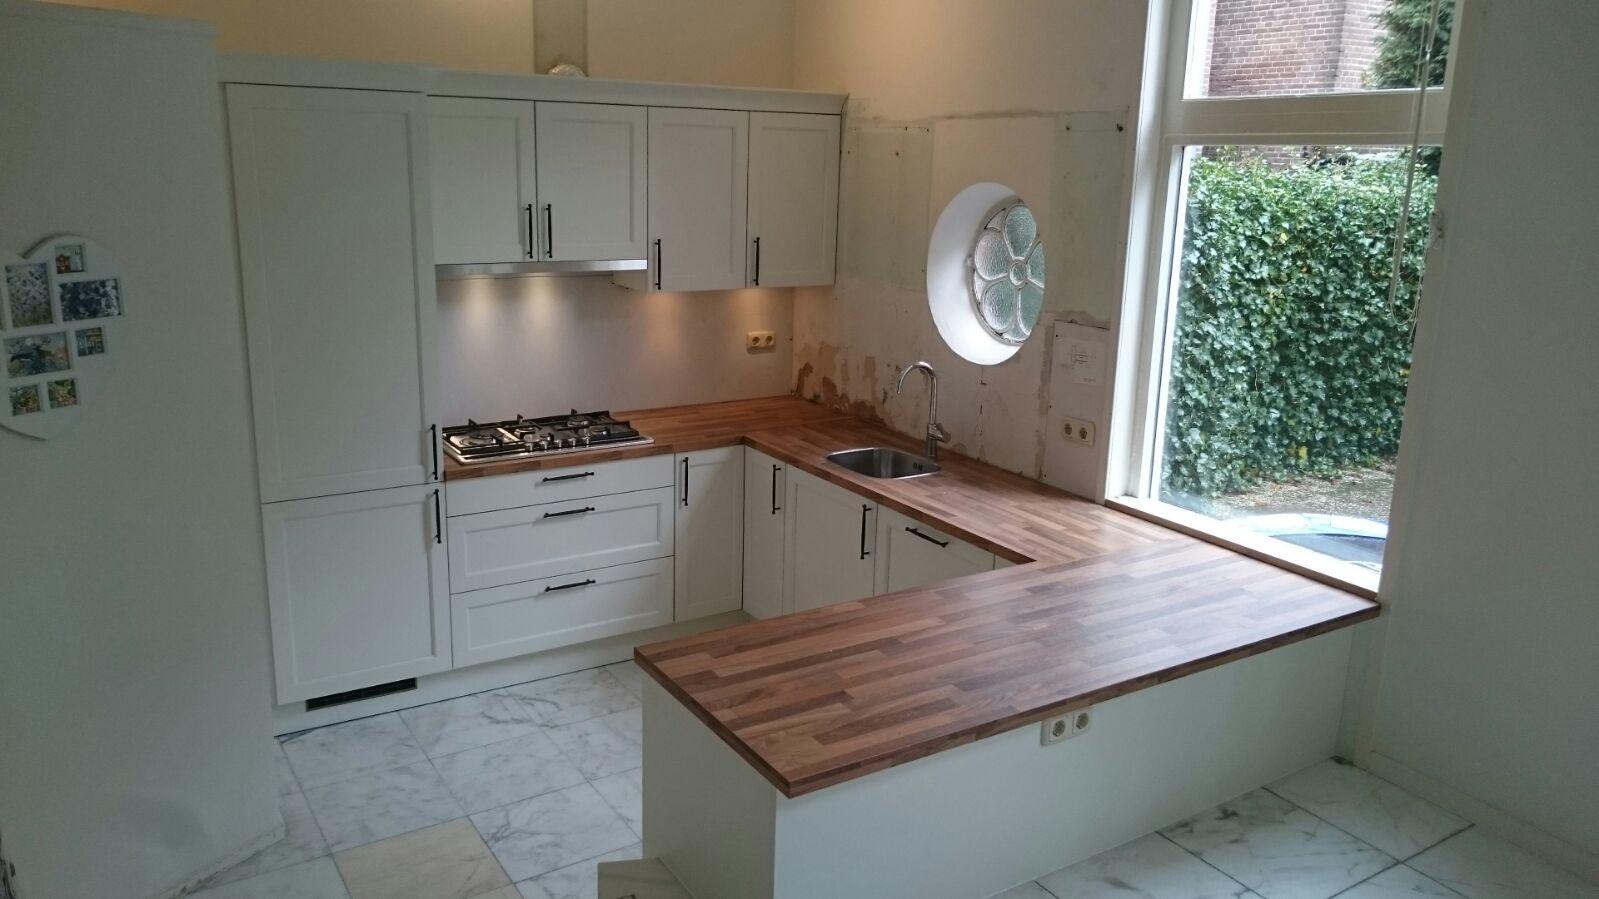 Keuken Ergonomie Afmetingen : Ancona moderne keuken vol ergonomie en sfeer – I-Kook